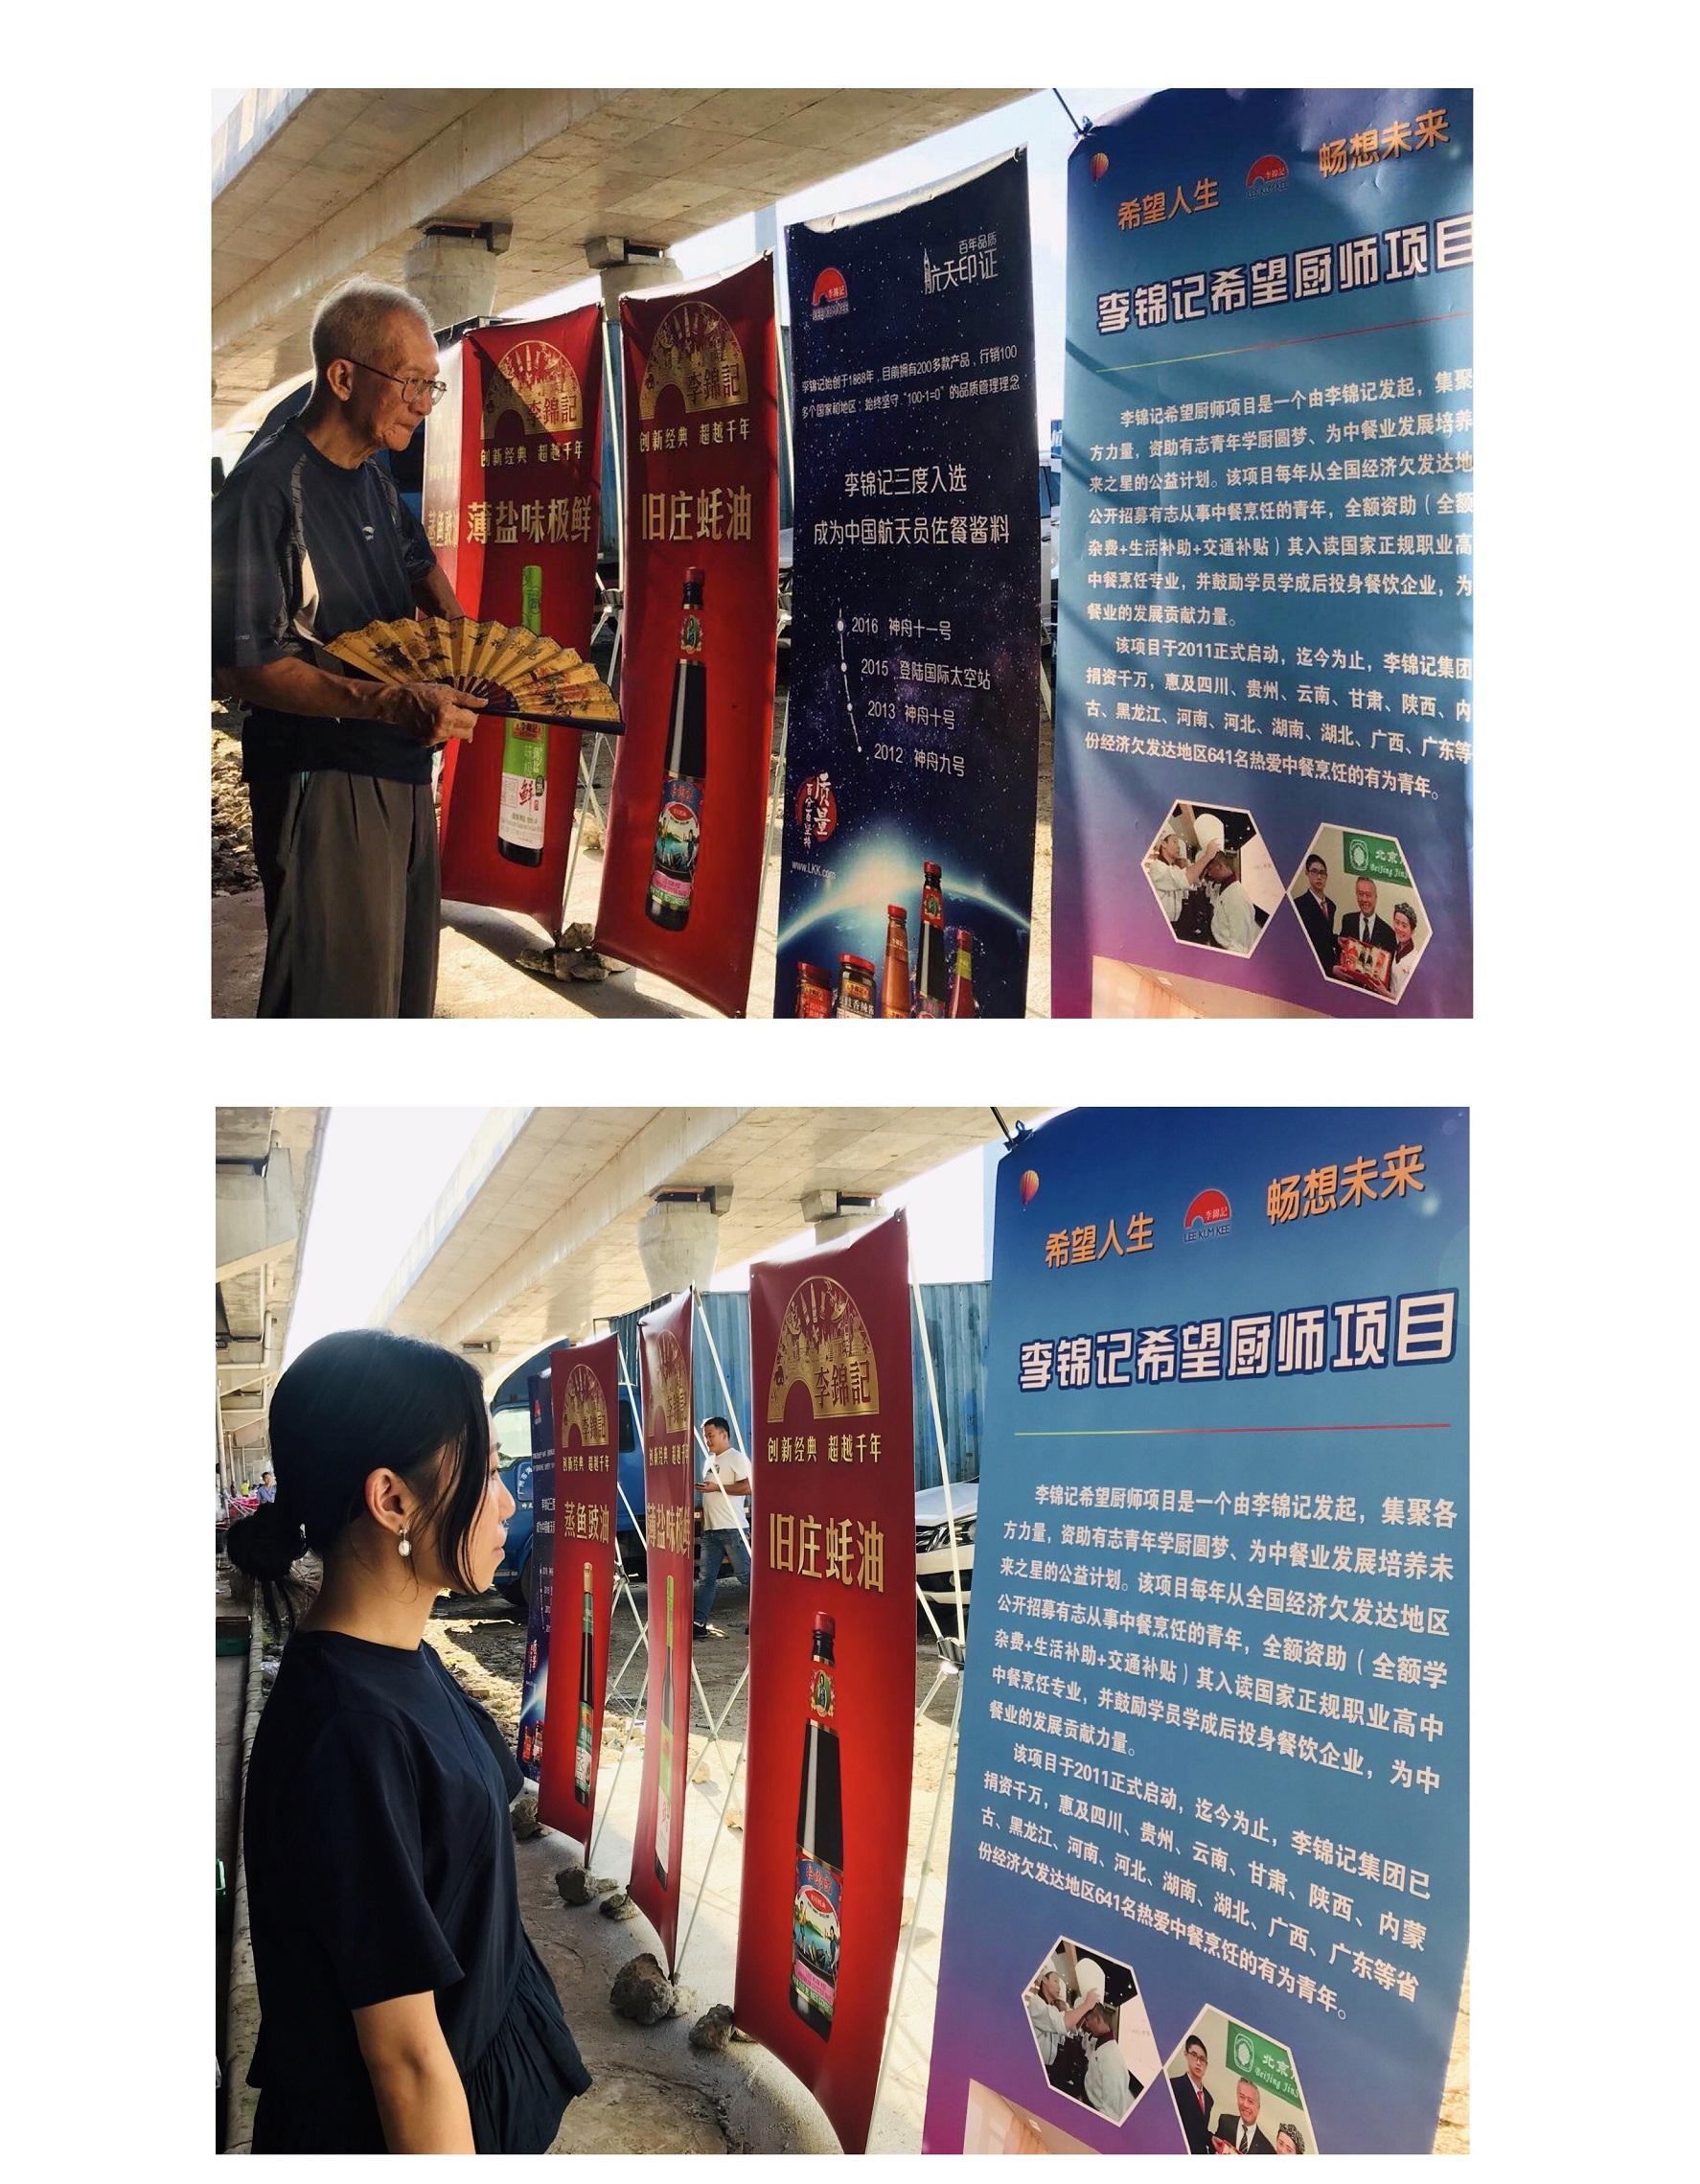 在龙舟宴现场,李锦记希望厨师项目引起了消费者的关注.jpg